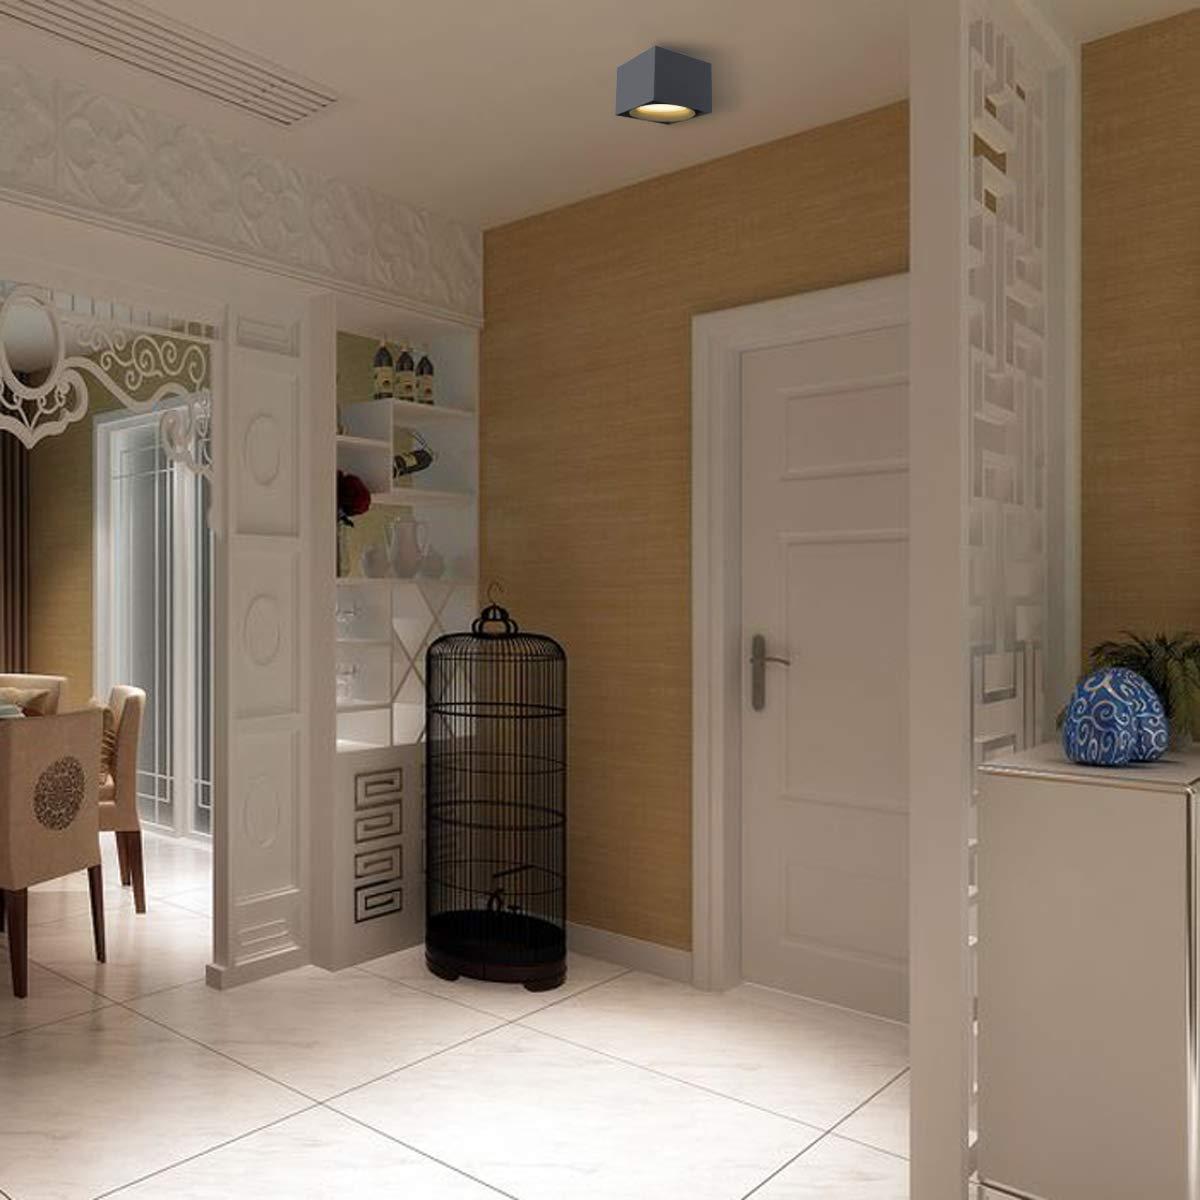 LANBOS 10W Lámpara de techo LED,Foco LED para techo,Focos de techo,Lámpara de salón,Luz de techo led,Plafón con Focos,luz blanco cálido, 3000K,IP20, ...